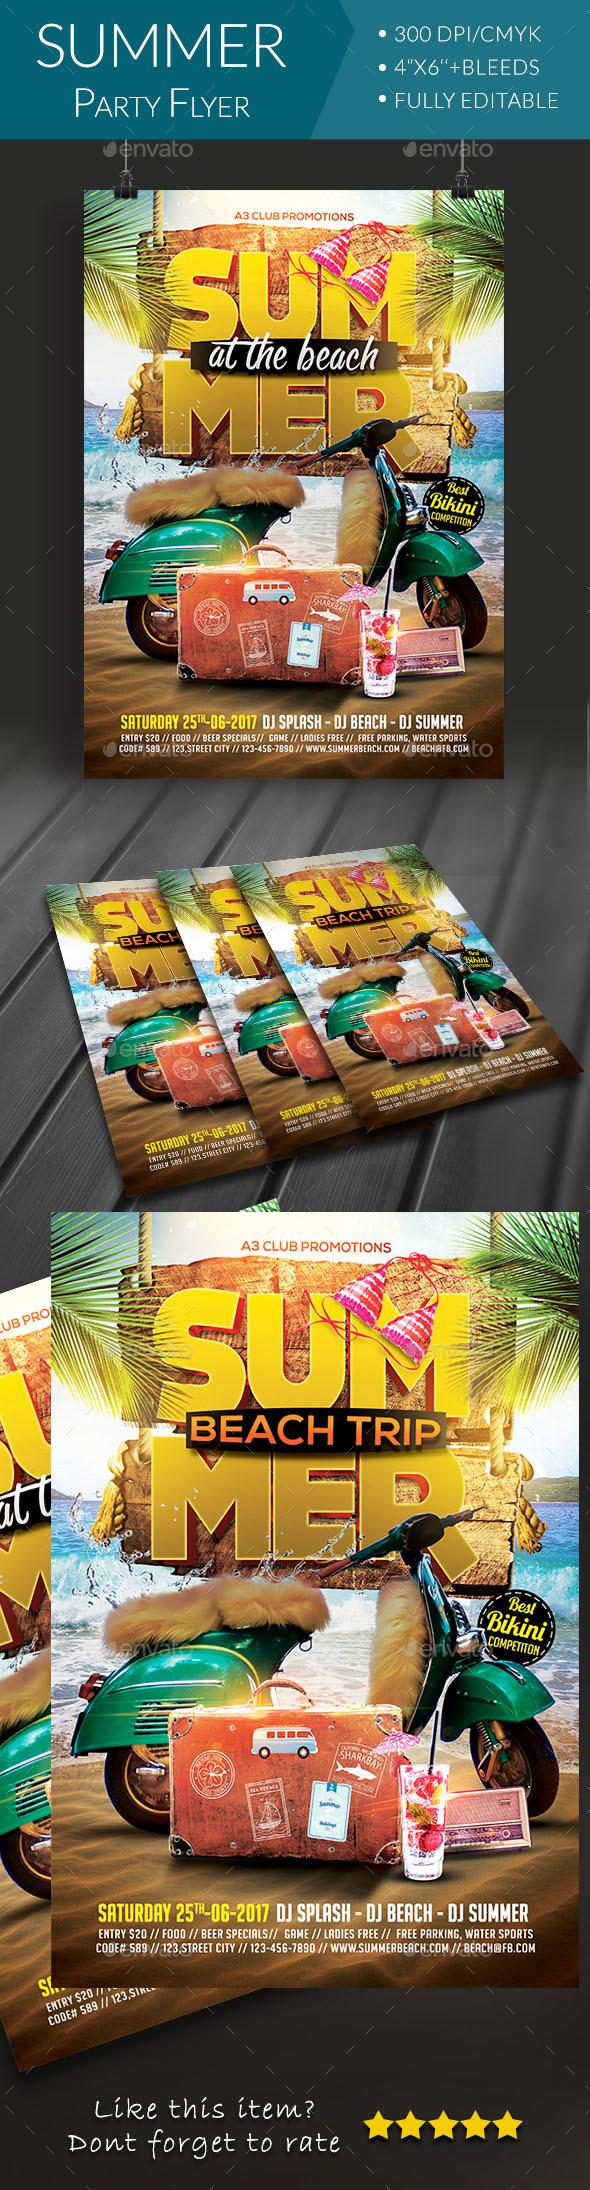 Summer Beach Party By Arrow3000